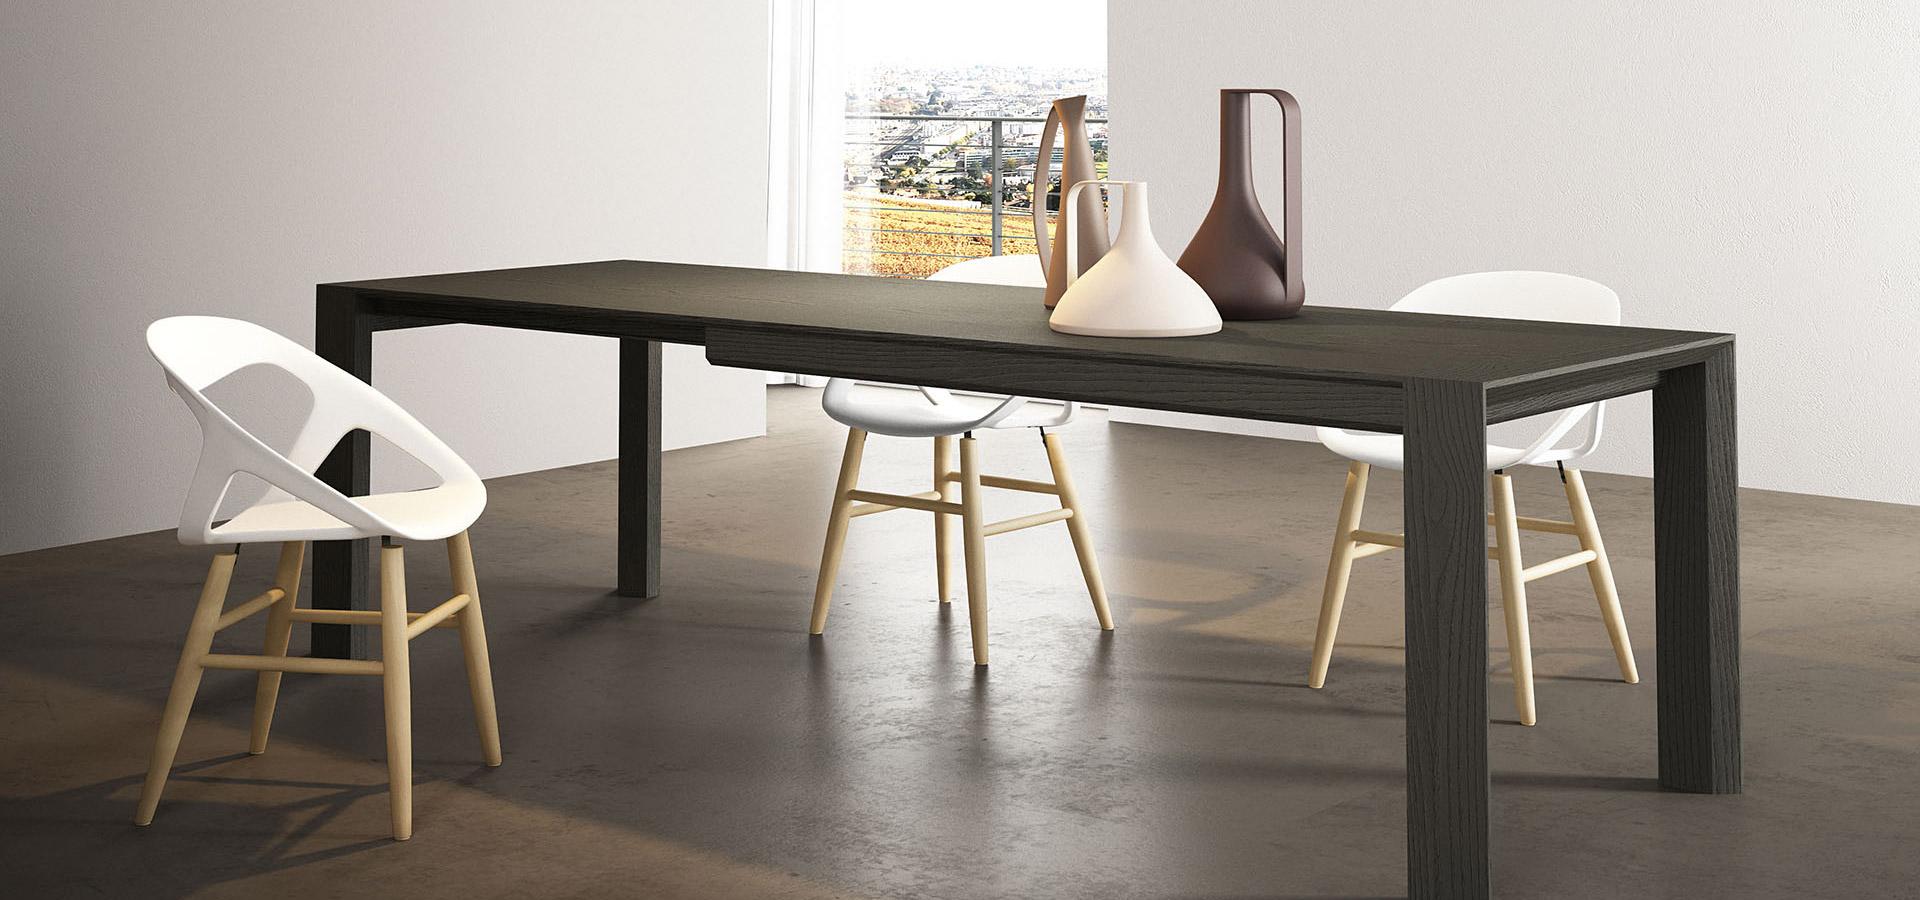 Elite tavolo dining table arredo3 for Tavoli arredo 3